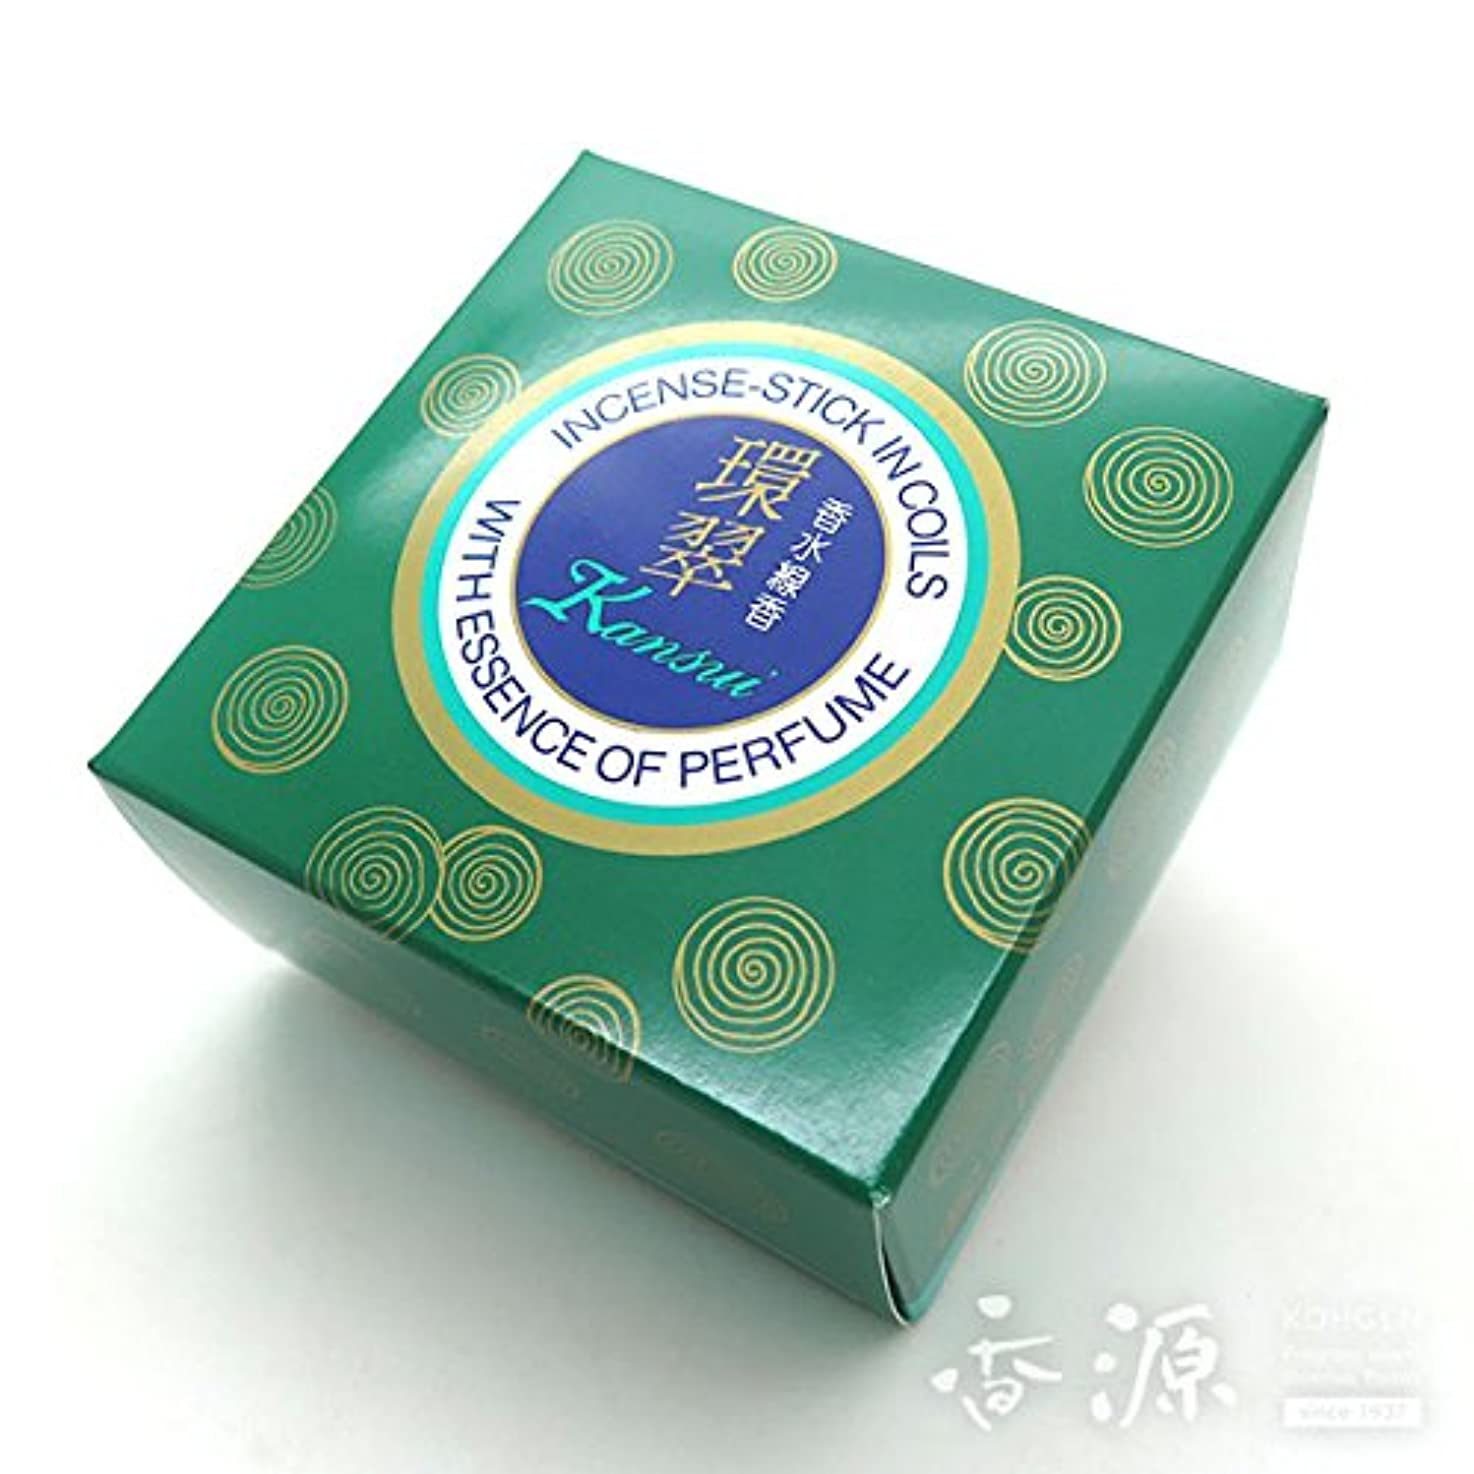 振りかける司教シットコム薫明堂のお香 環翠(かんすい) 渦巻 14枚入